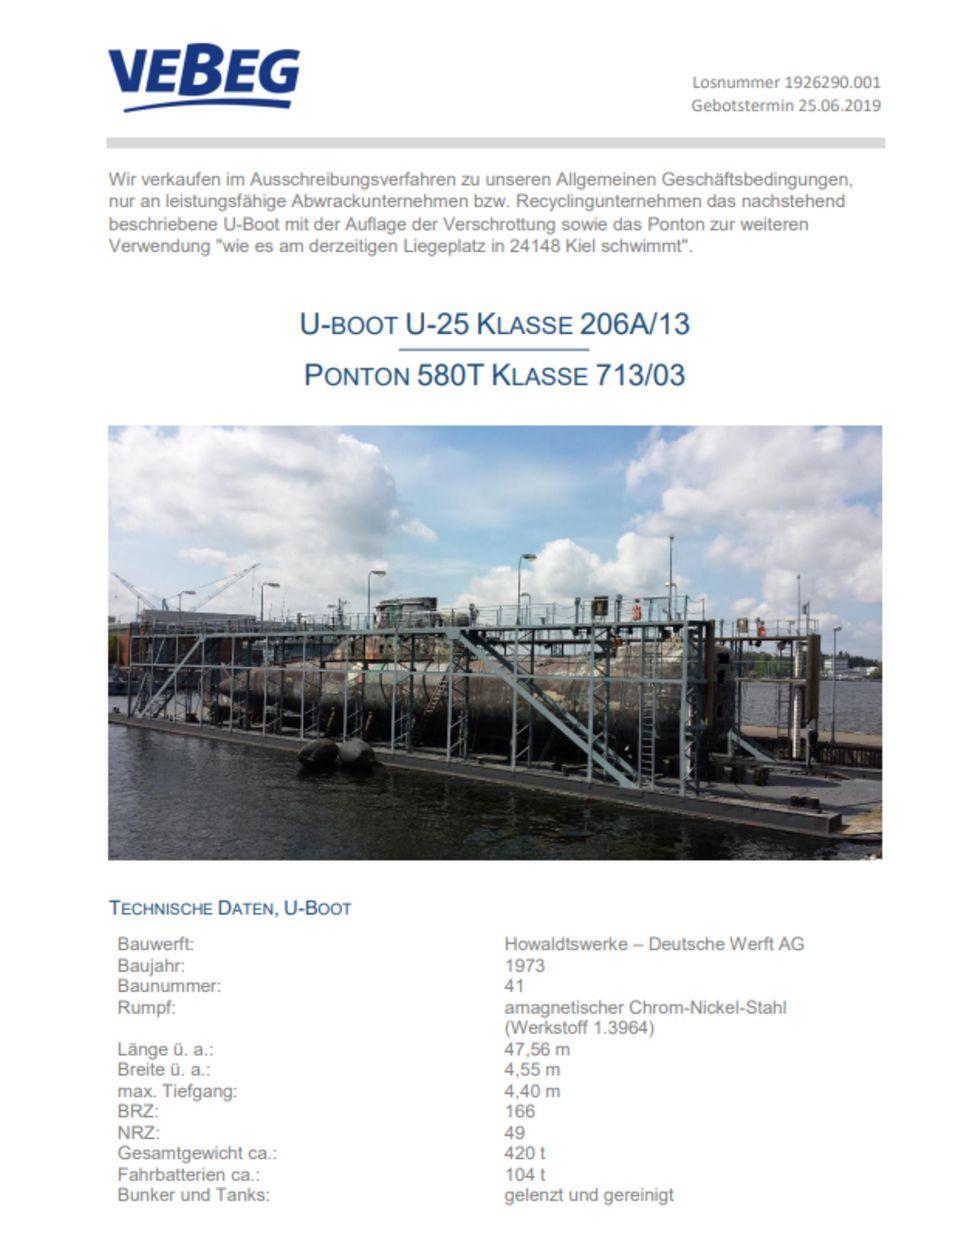 Vebeg: Bundesmarine versteigert U-Boot an Höchtsbietenden